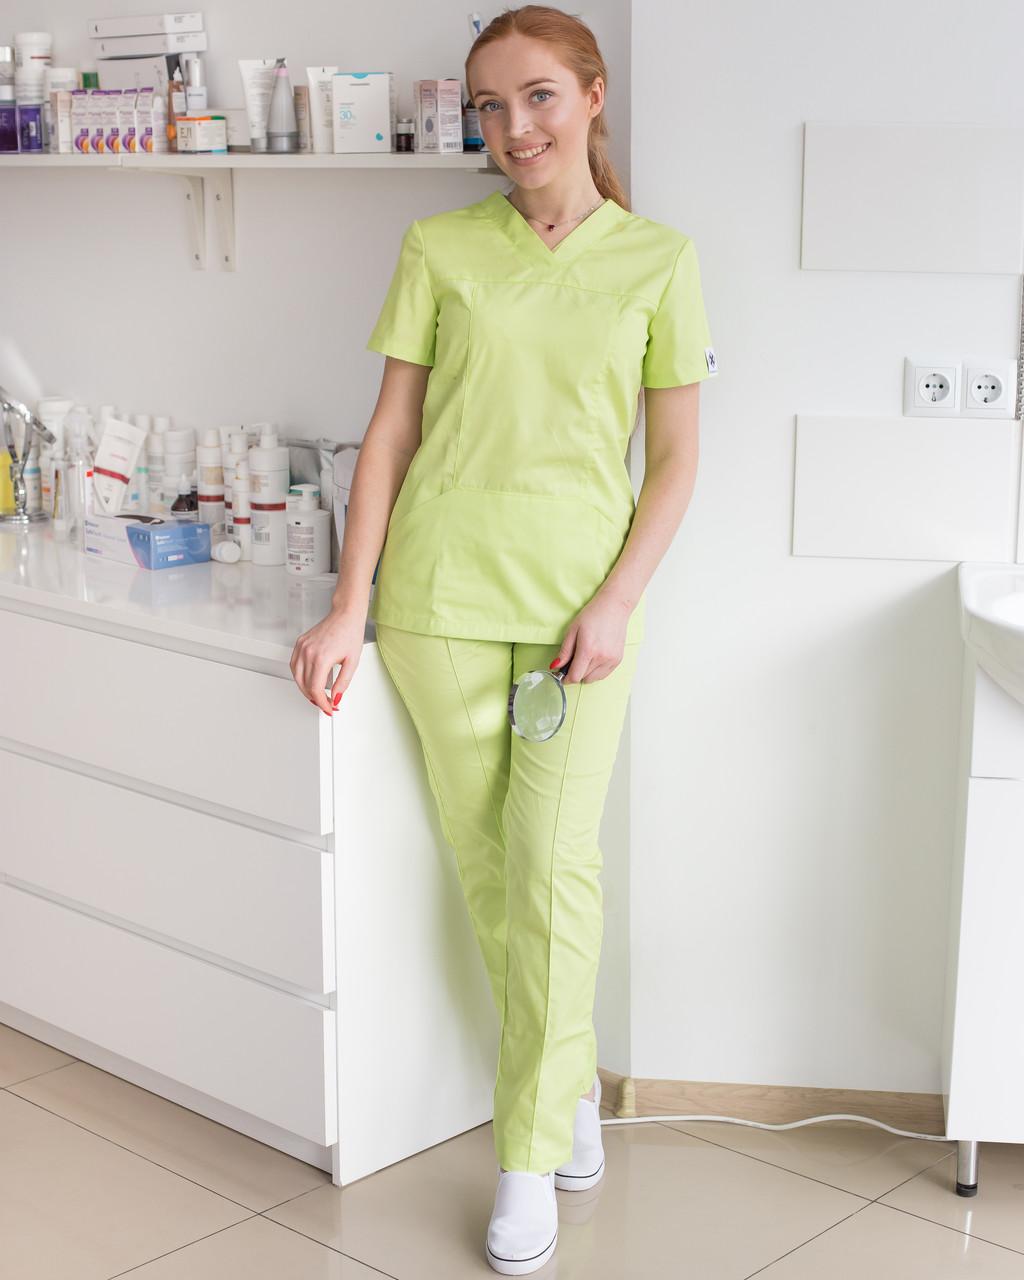 Медицинский женский костюм Топаз лайм